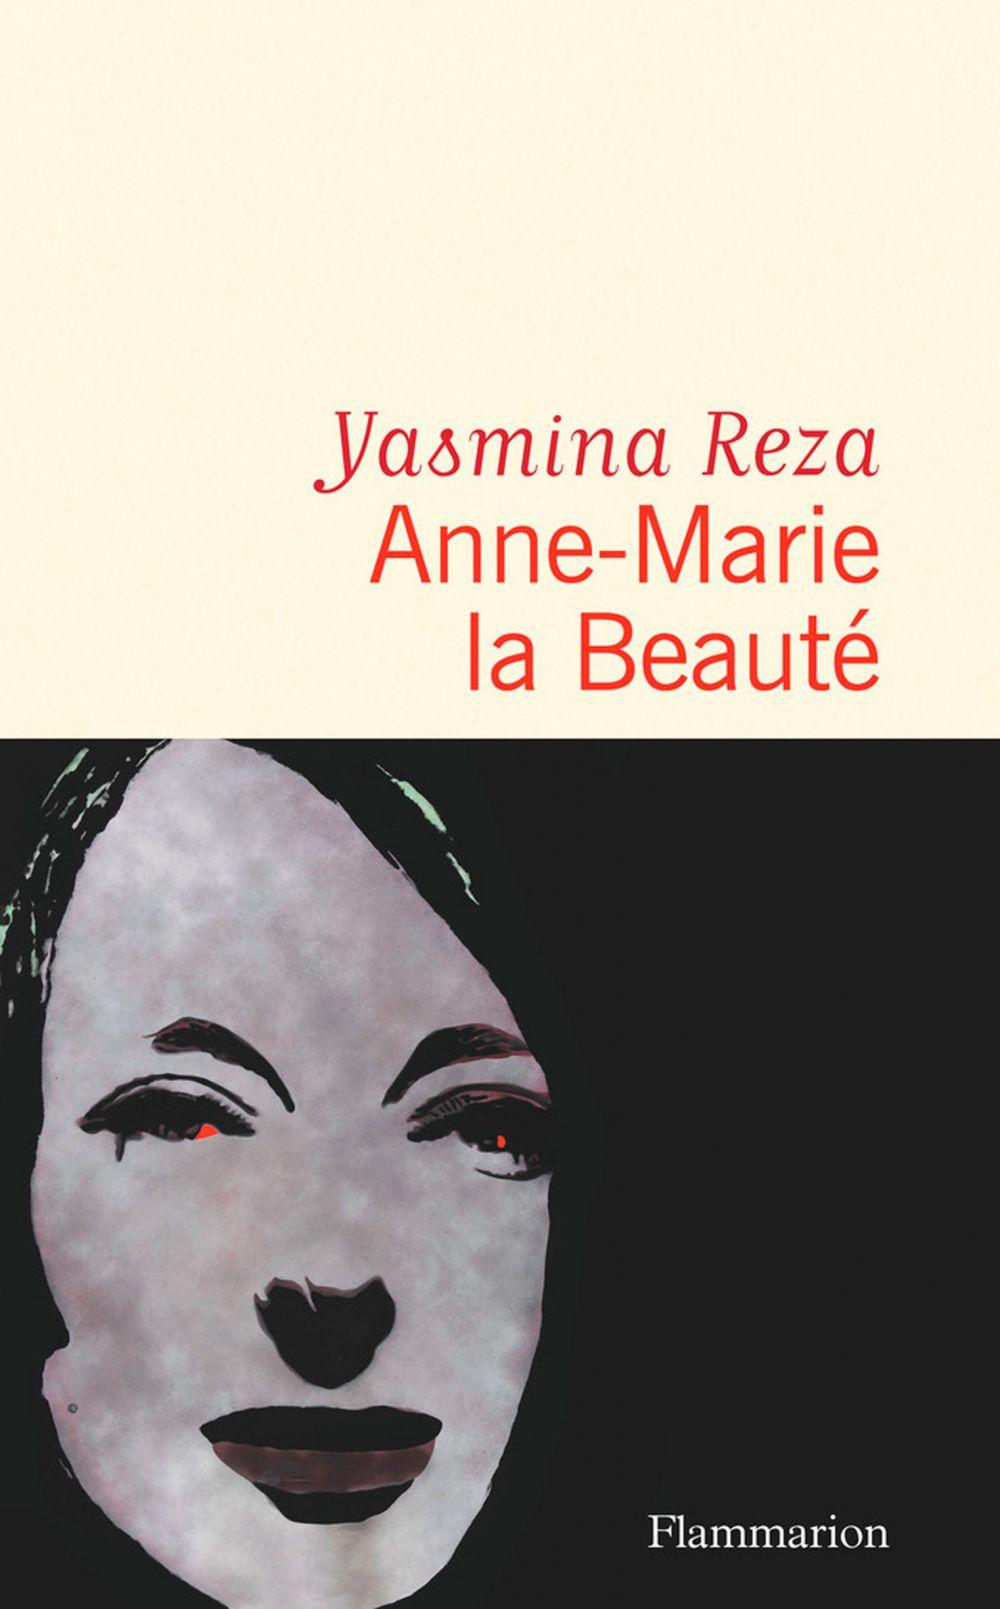 Anne-Marie la Beauté |